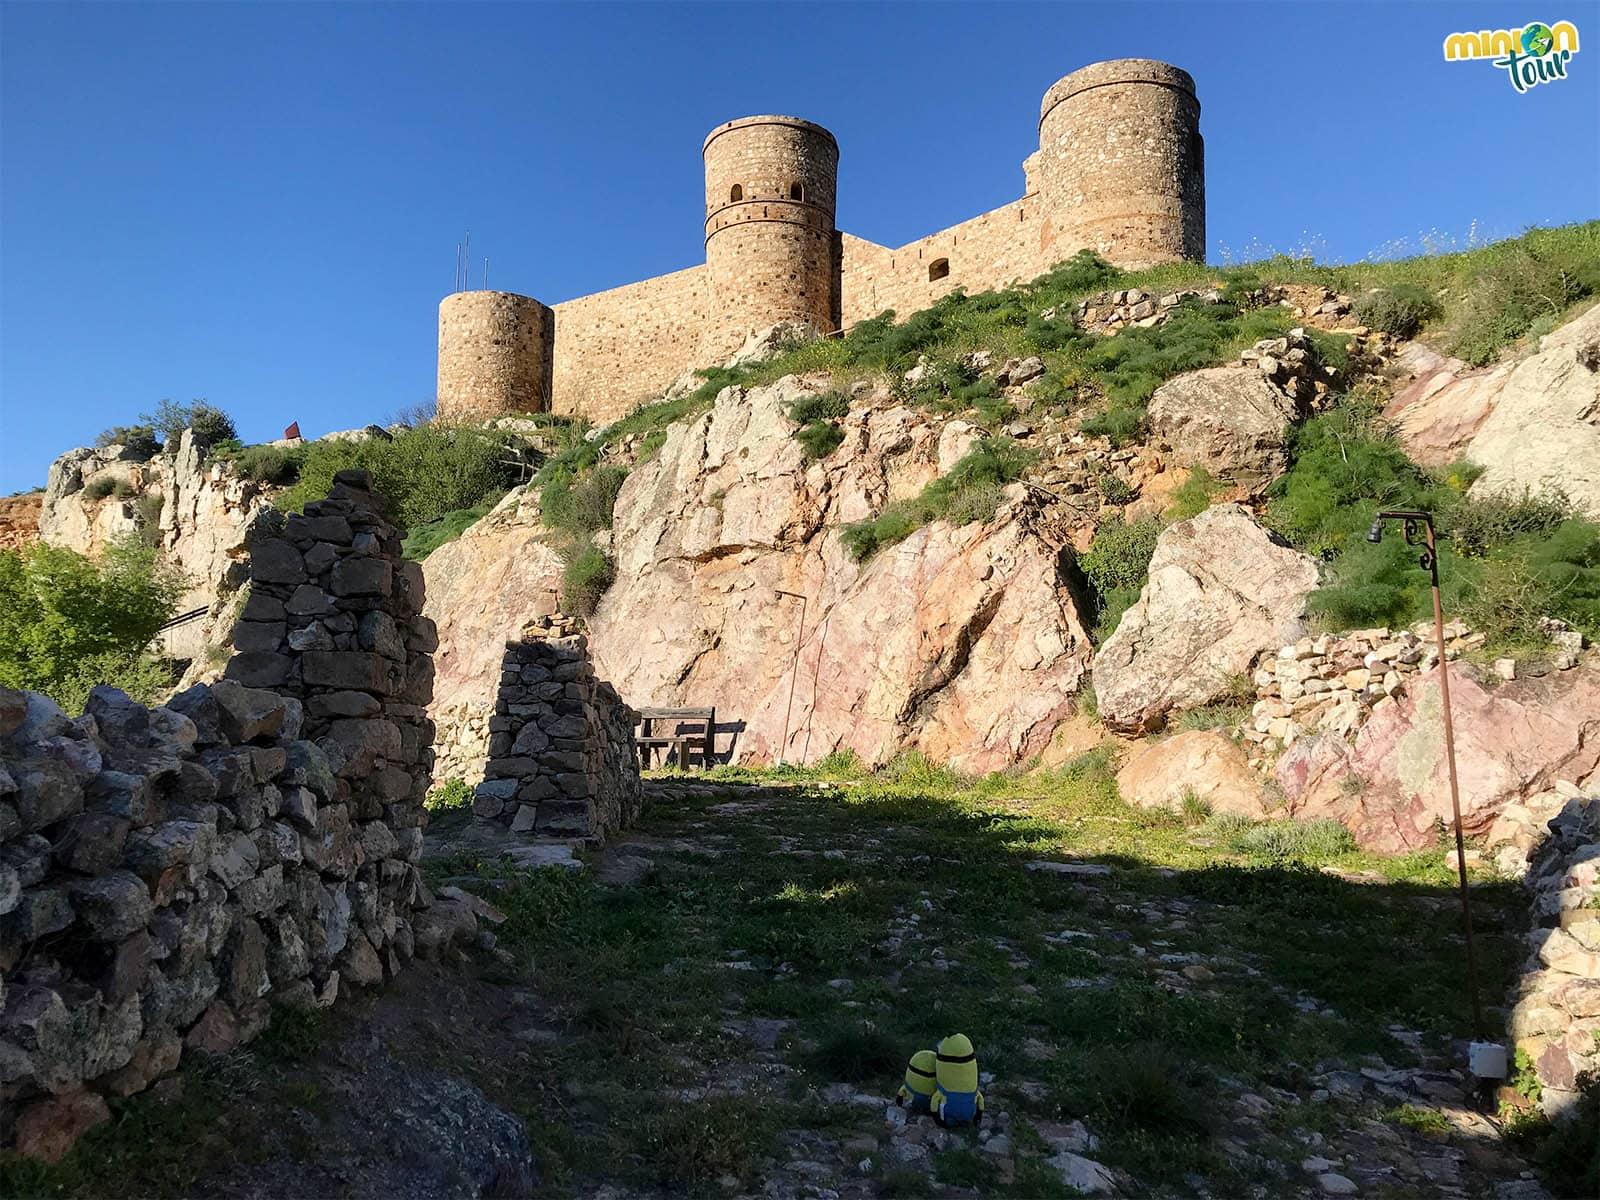 Subiendo a la cima del Castillo de Capilla